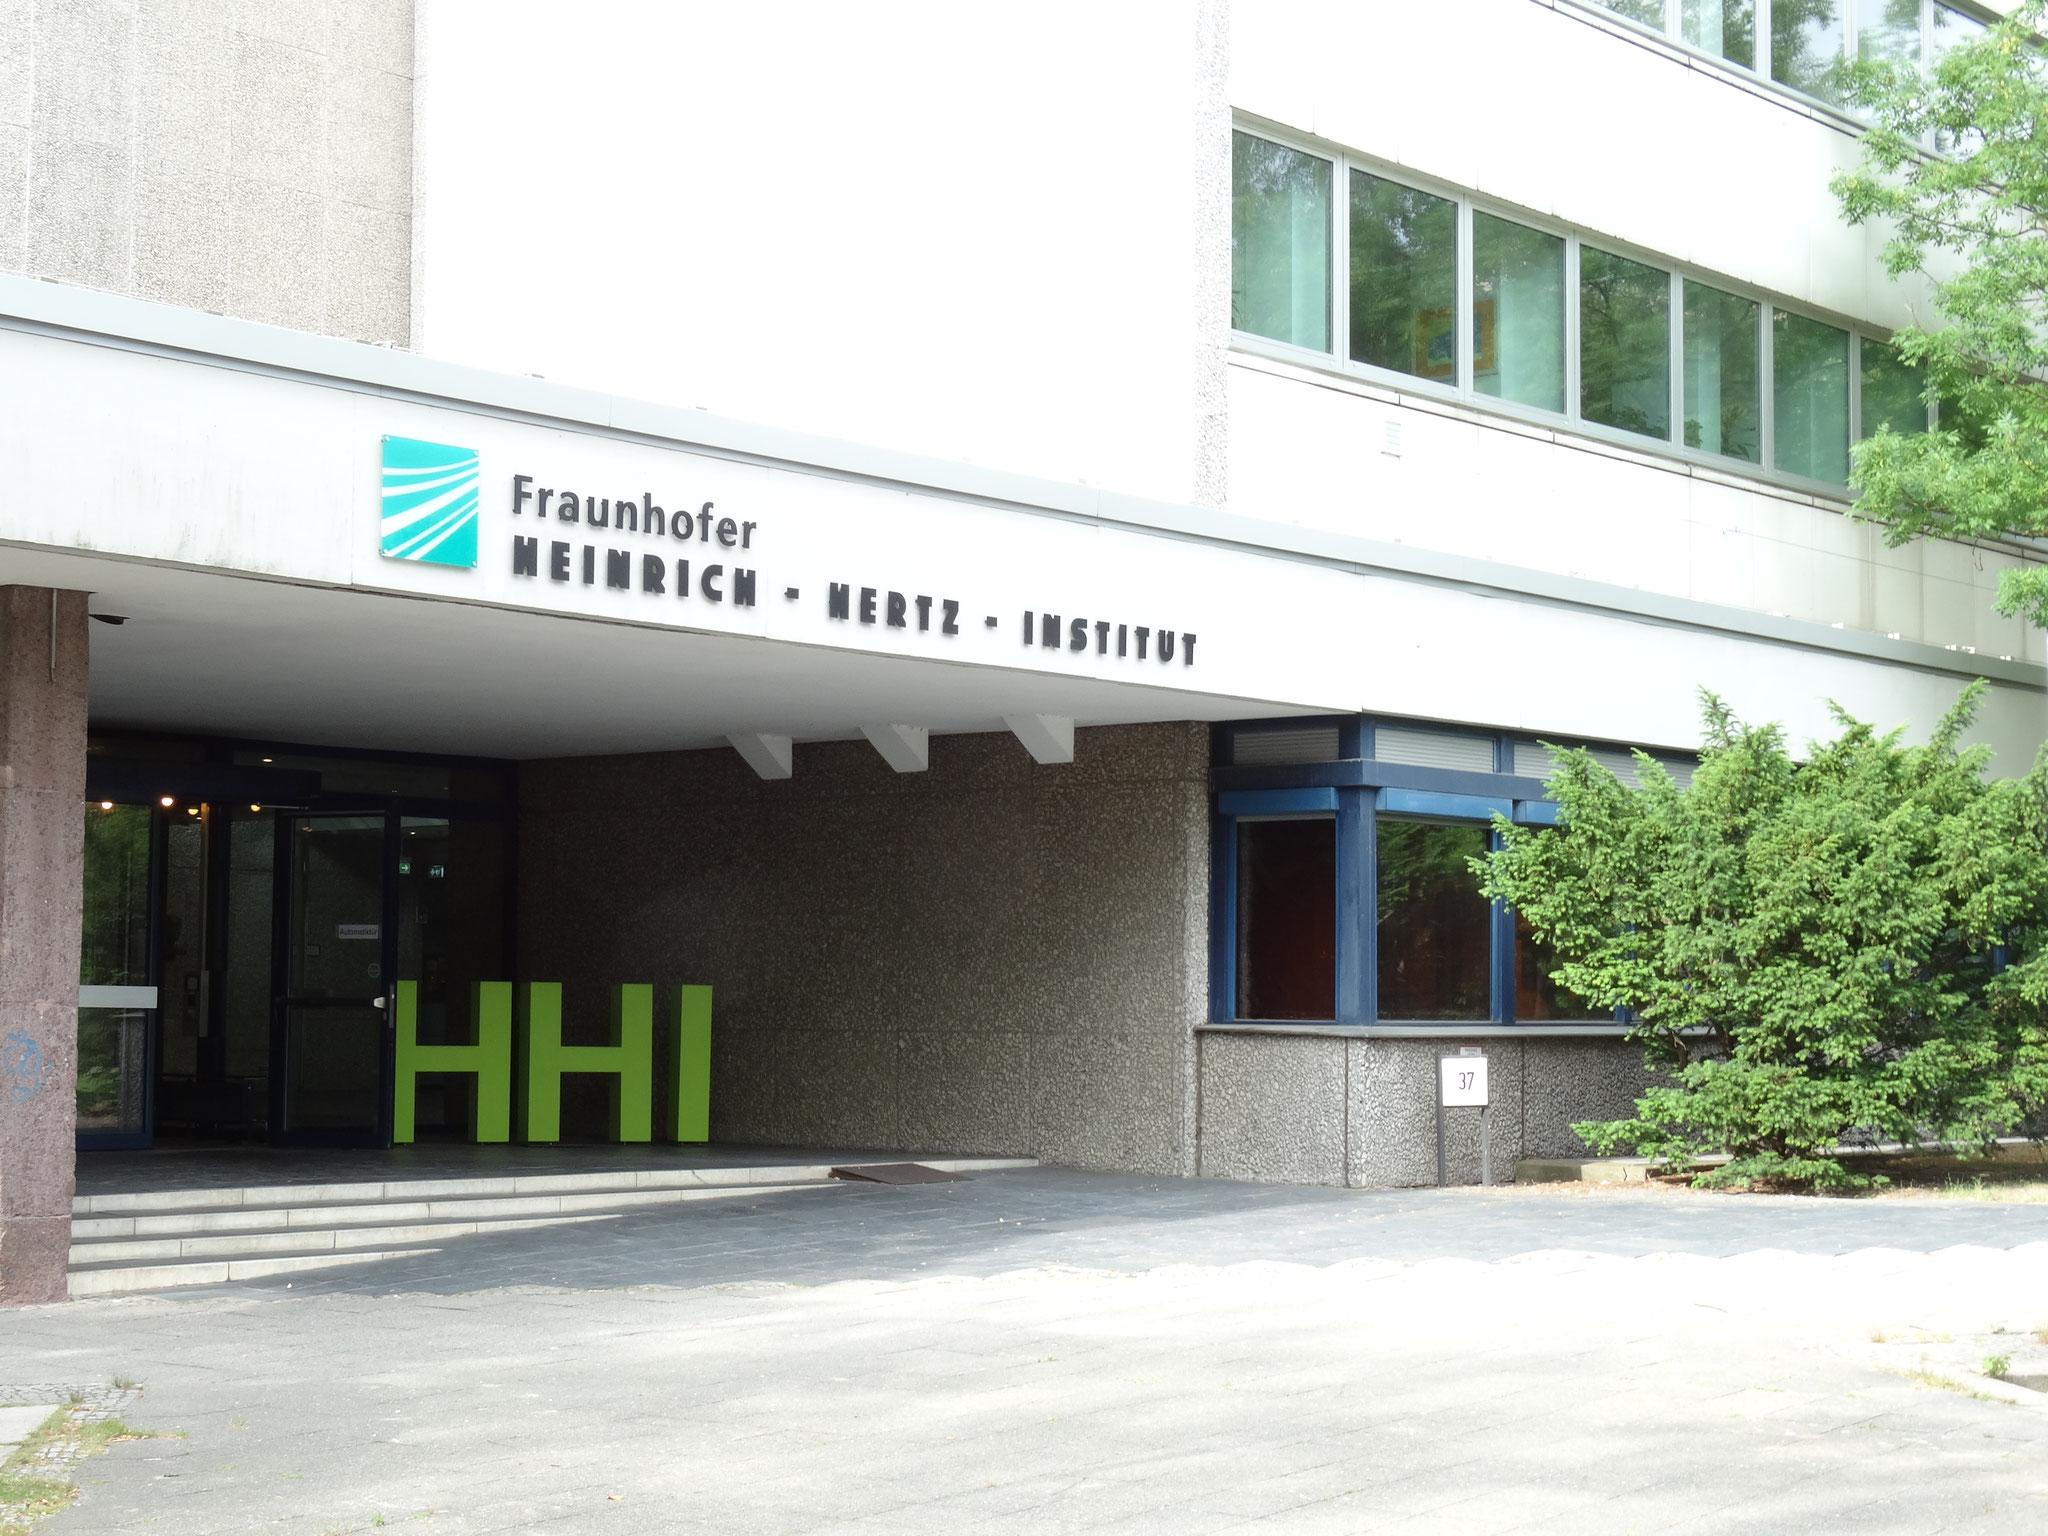 Fraunhofer Institut für Nachrichtentechnik Heinrich-Herz Institut